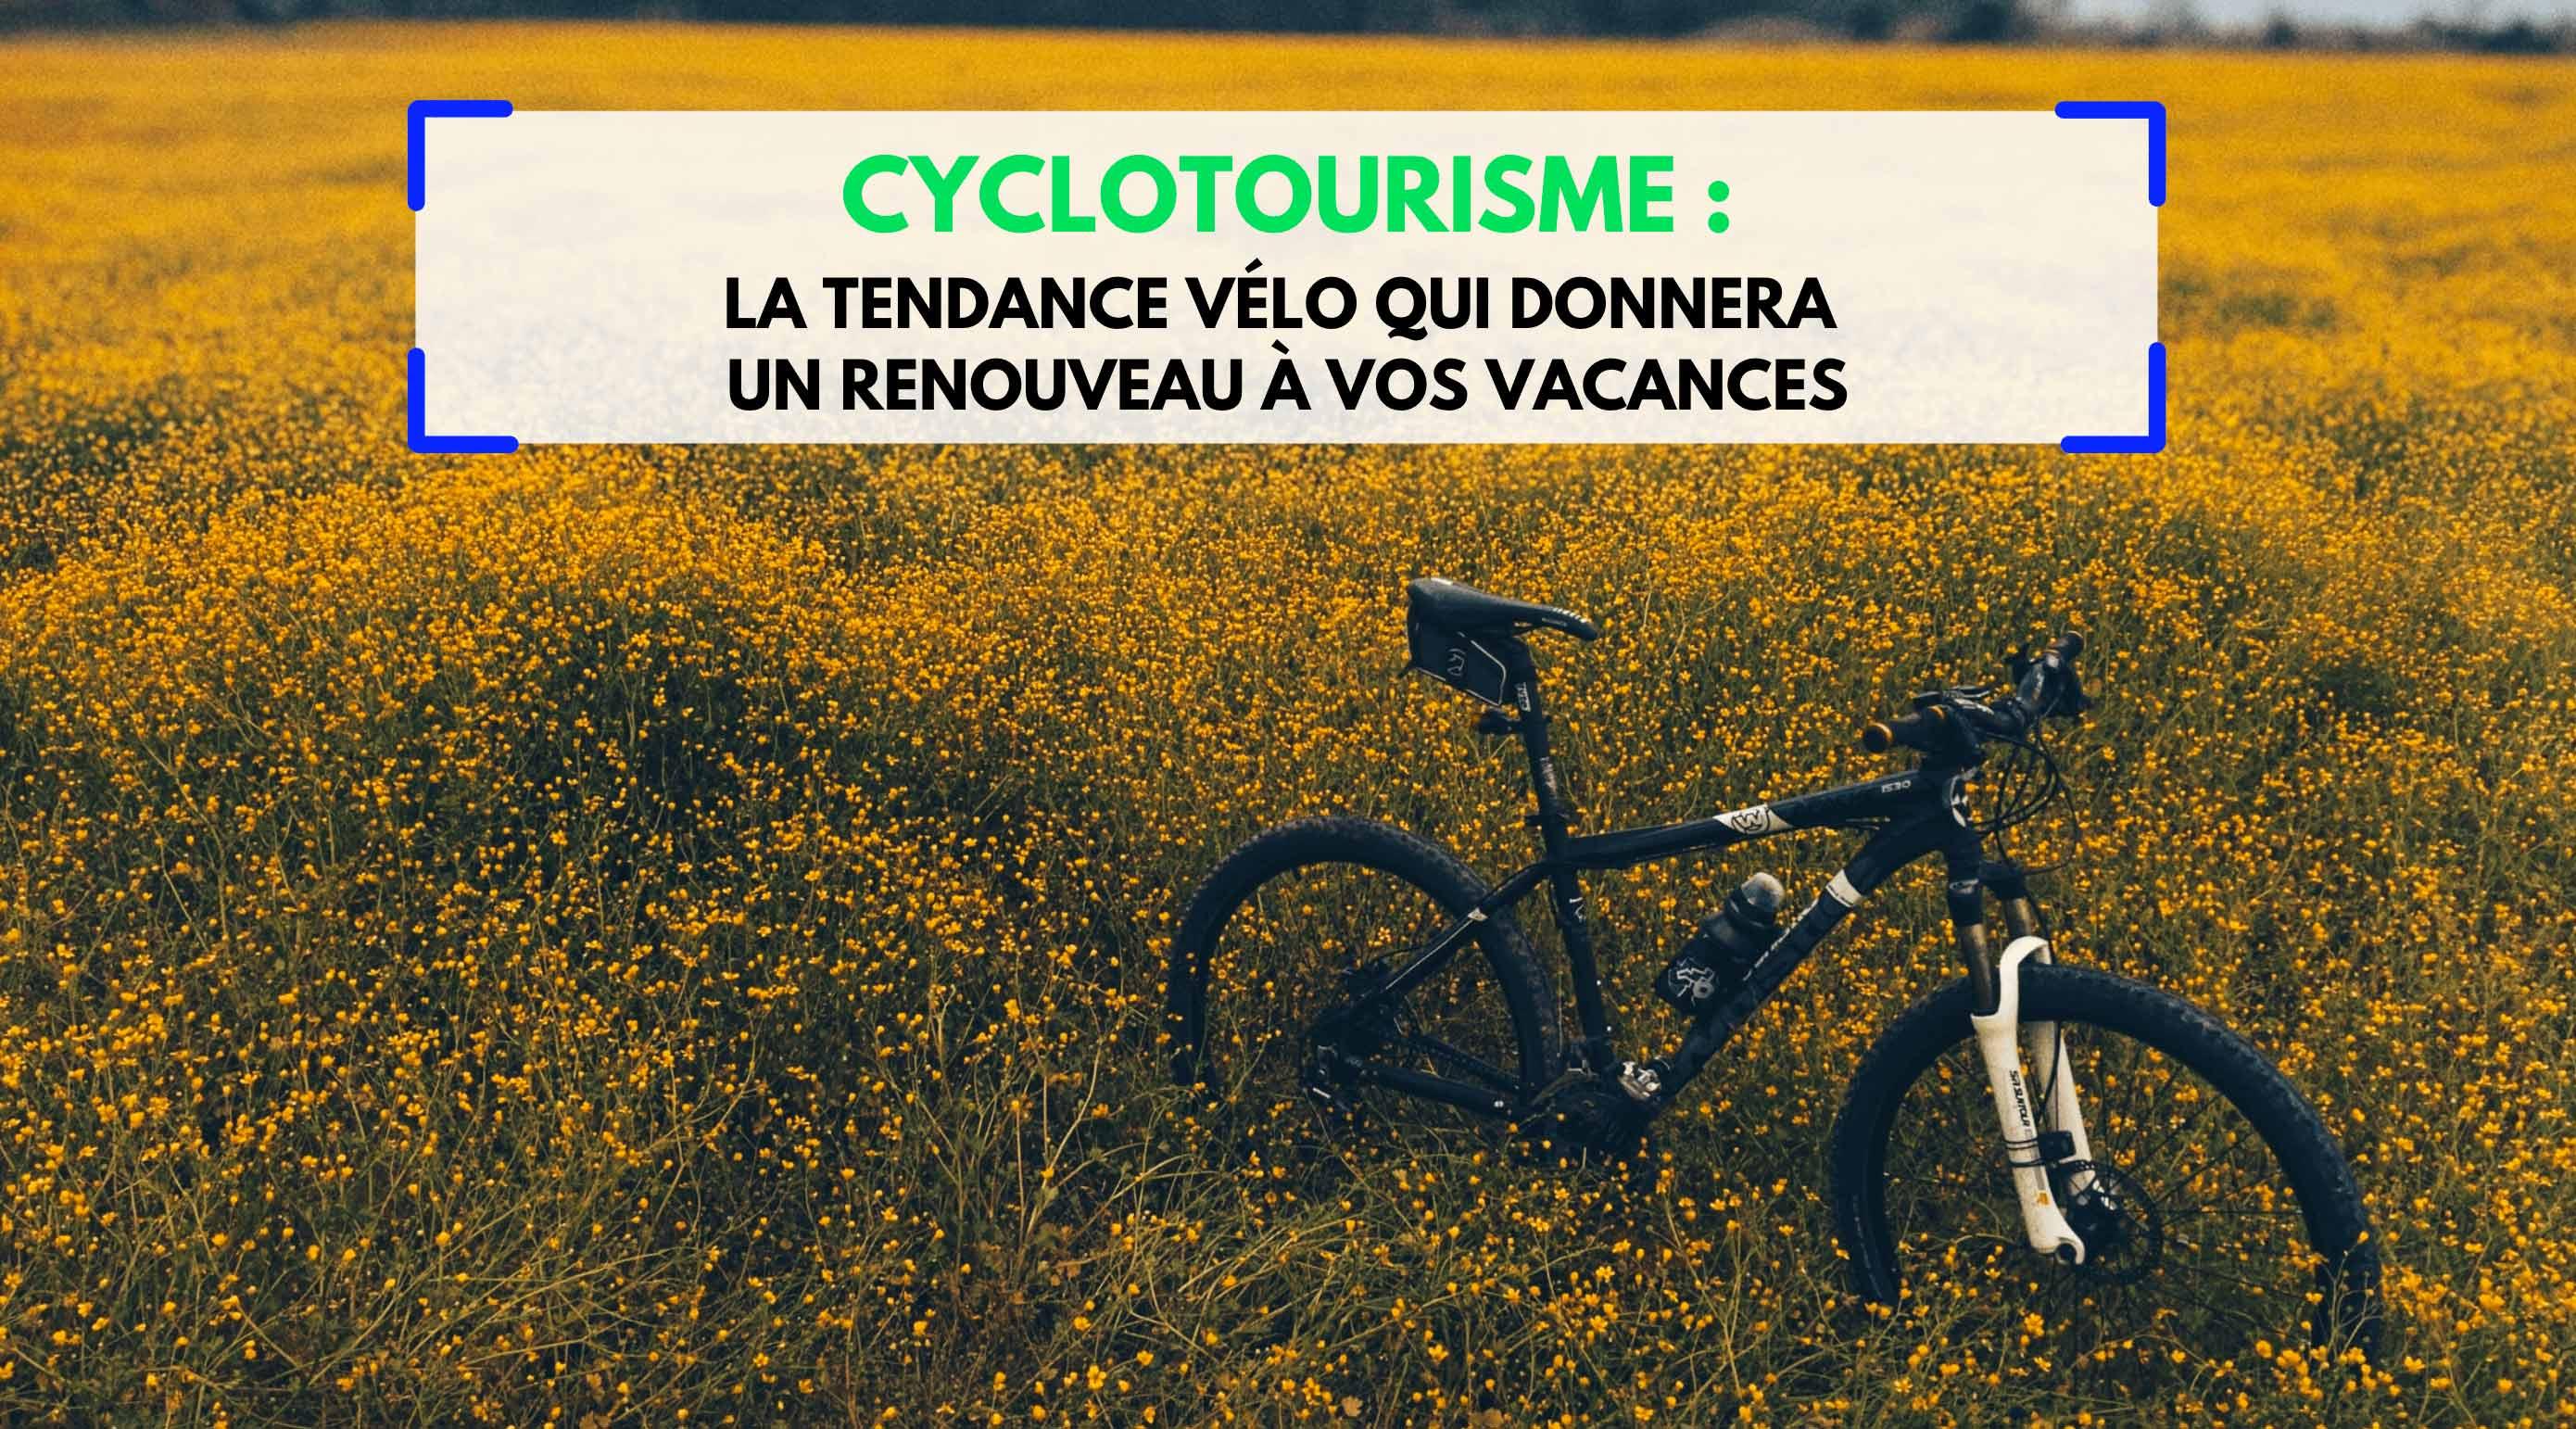 """champ de fleurs jaune avec VTT au milieu, avec un titre """"Cyclotourisme, la tendance vélo qui donnera un renouveau à vos vacances"""""""